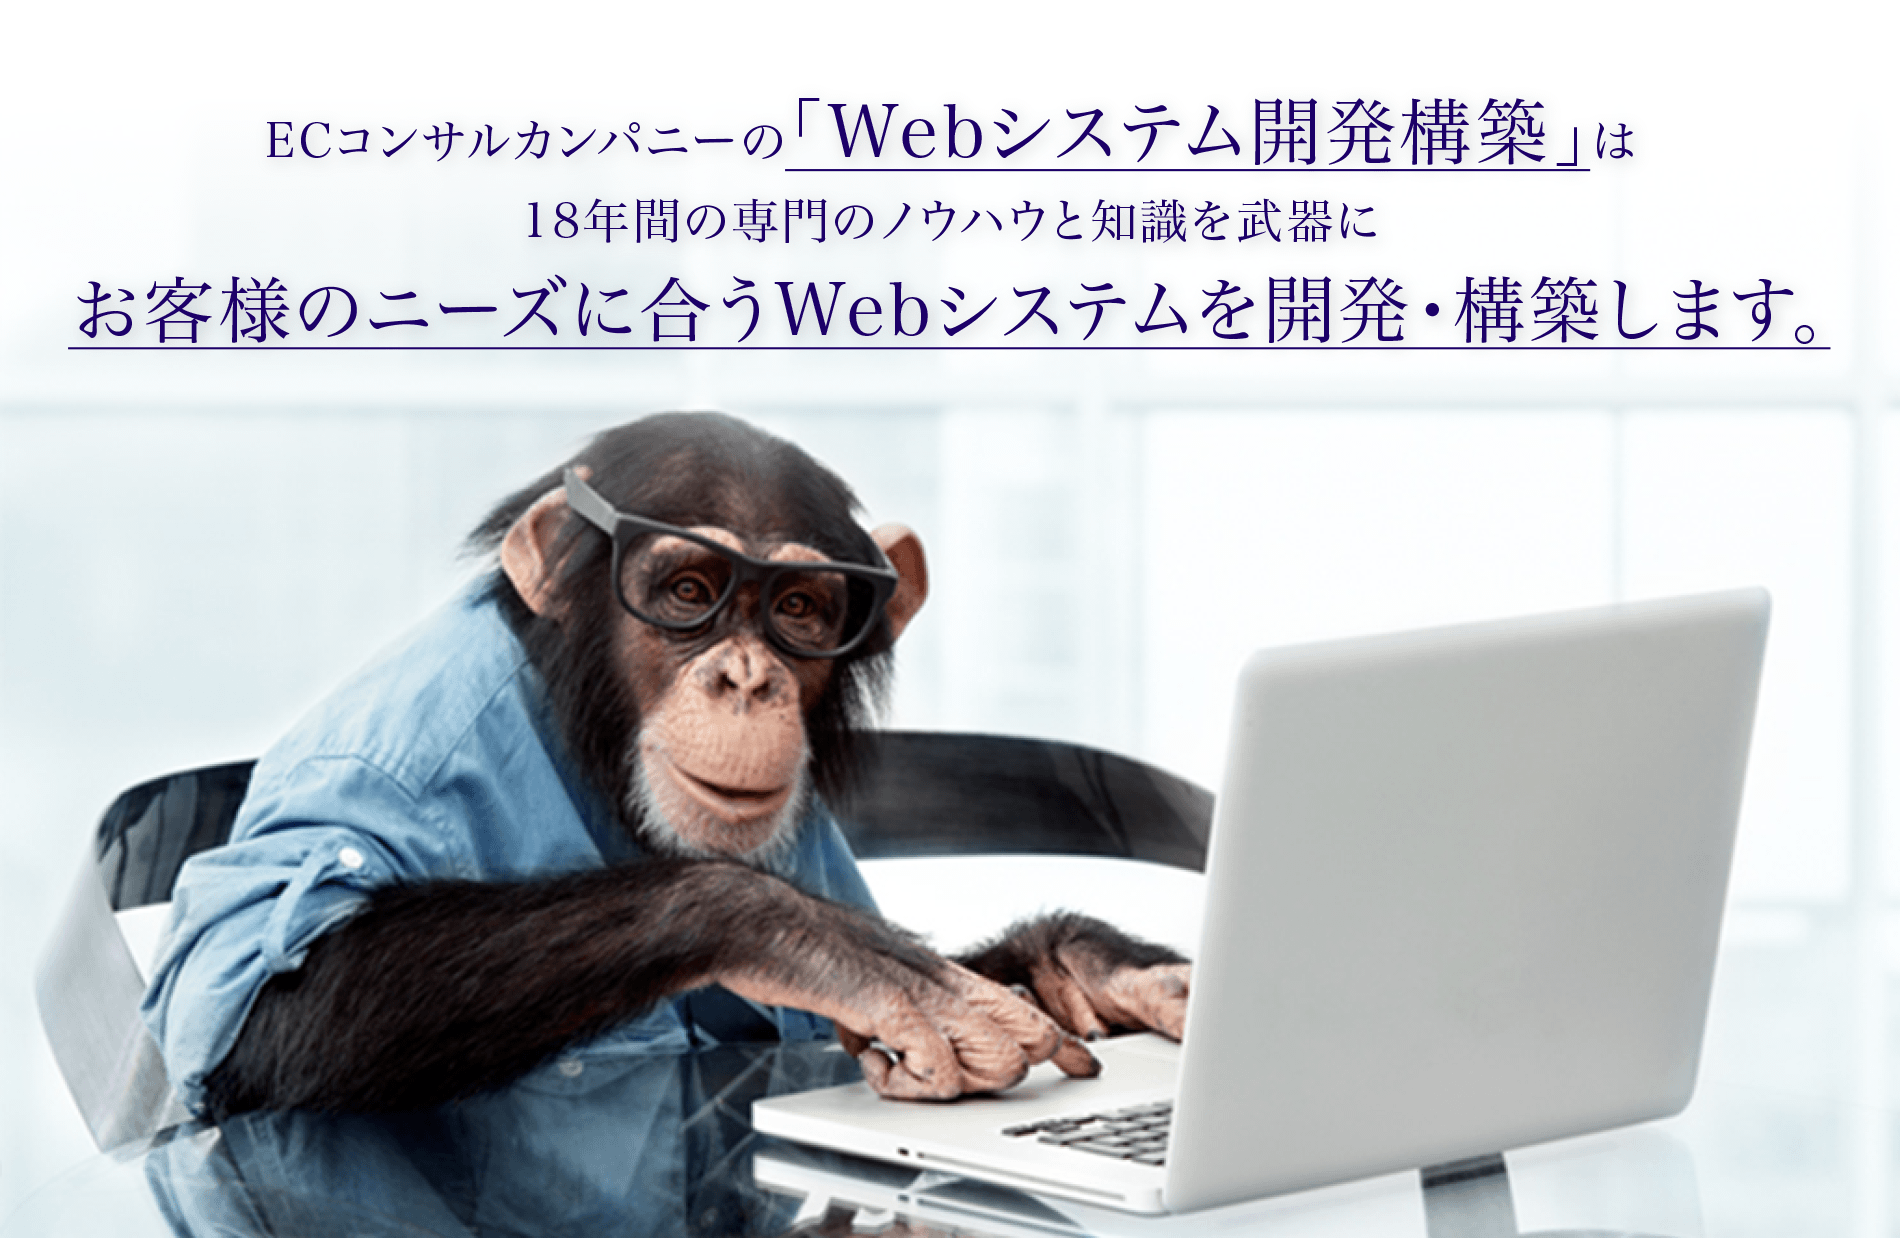 ECコンサルカンパニーの「Webシステム開発構築」は18年間の専門のノウハウと知識を武器にお客様のニーズに合うWebシステムを開発・構築します。